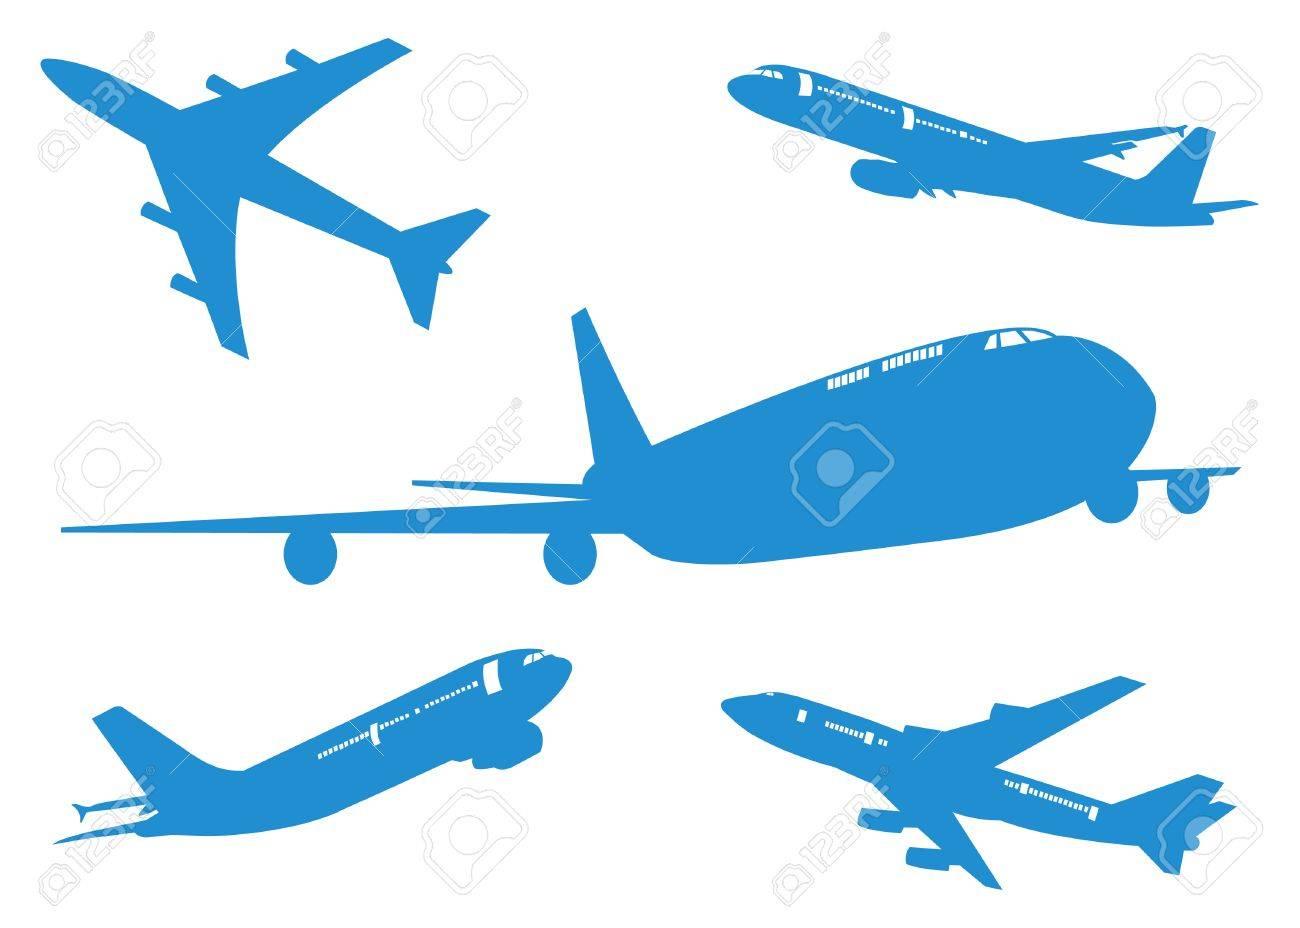 航空機航空機のシルエット ベクトル イラストeps 10 セットの